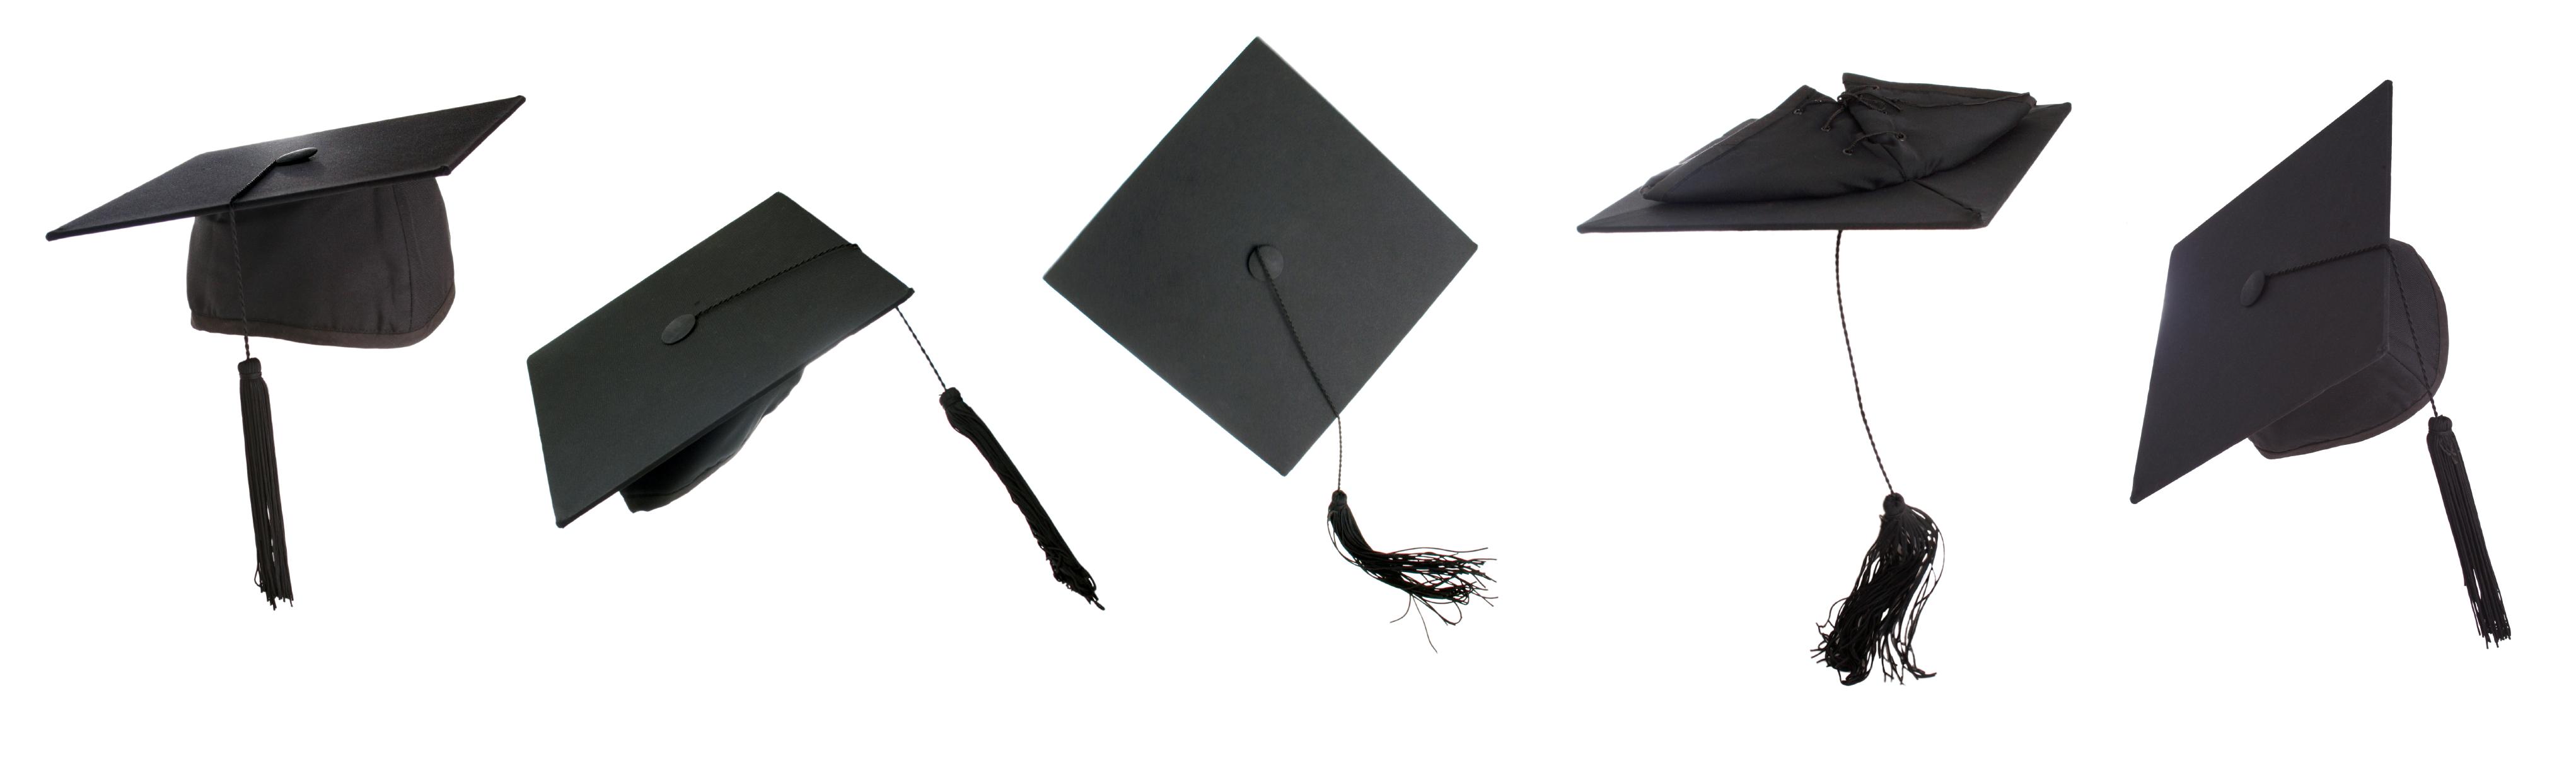 71 Graduation Caps free clipart.